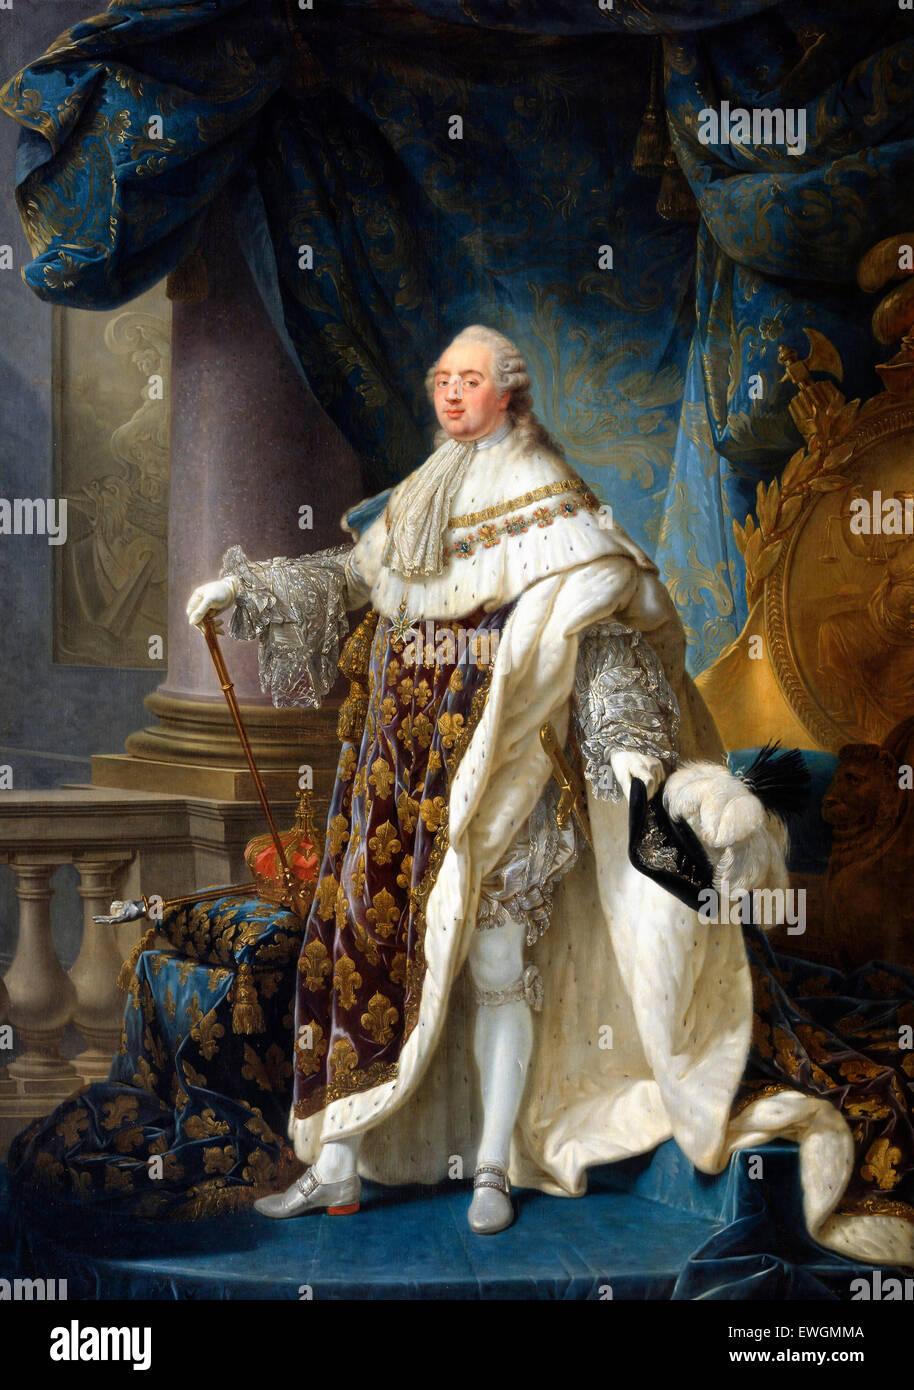 French: Louis XVI, roi de France et de Navarre (1754-1793), revêtu du grand costume royal en 1779 Louis XVI, - Stock Image